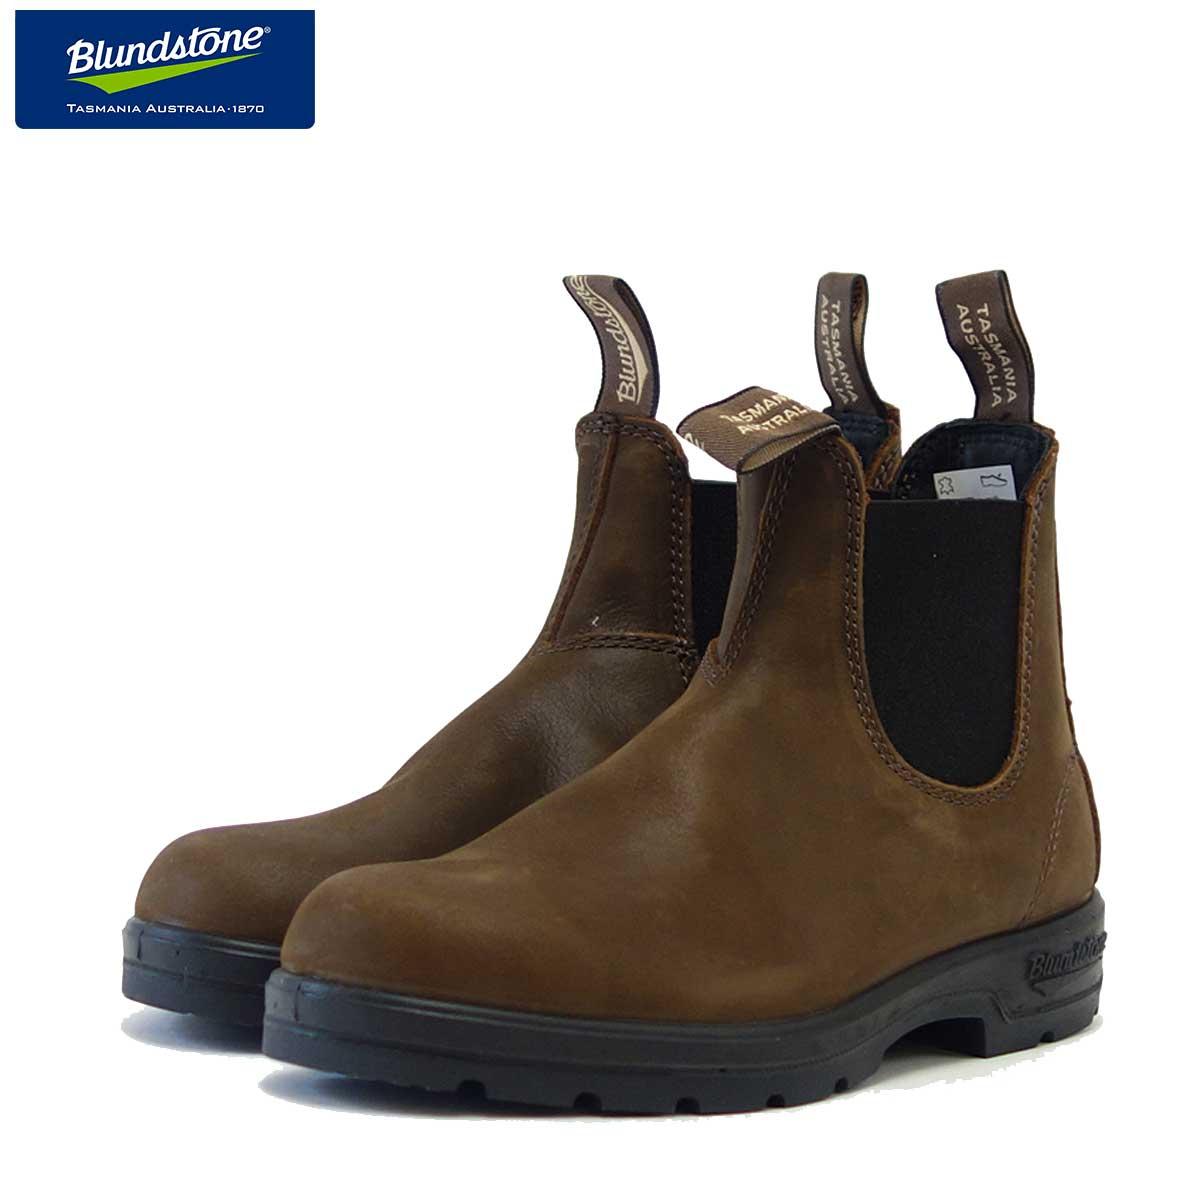 ブランドストーン Blundstone BS1609 251(ユニセックス) アンティークブラウン 「靴」